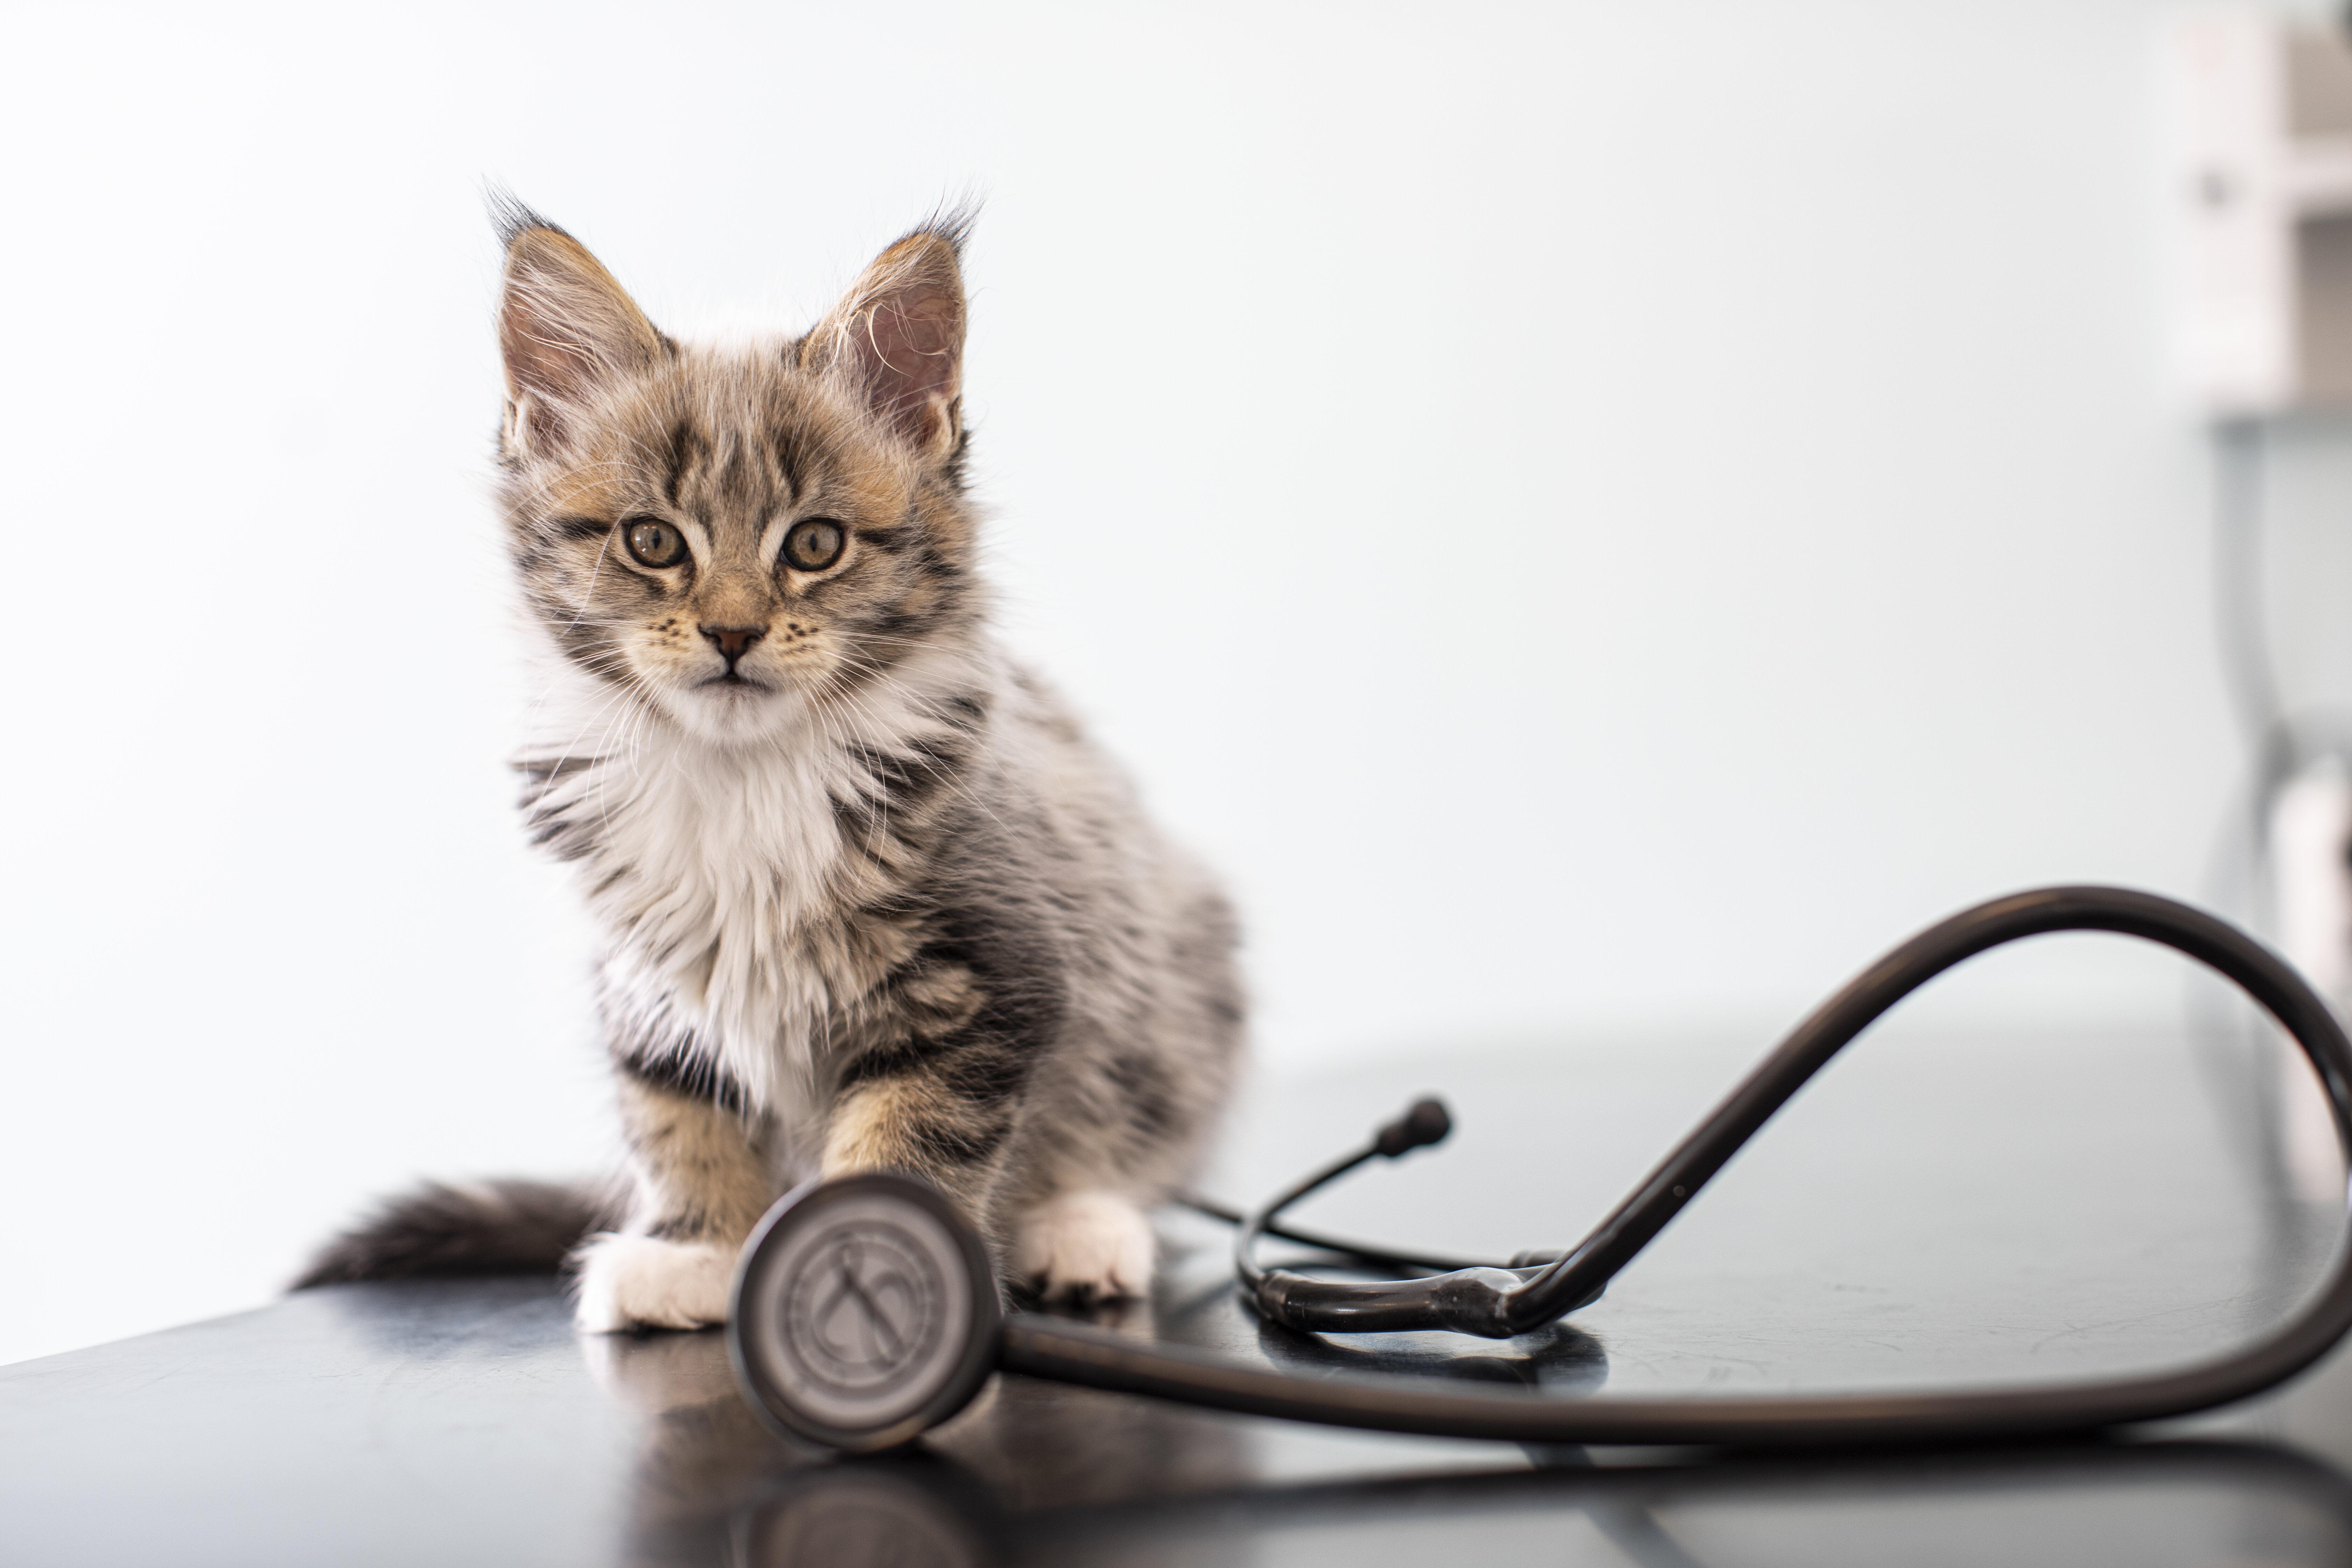 kitten-and-stethoscope-1.jpg